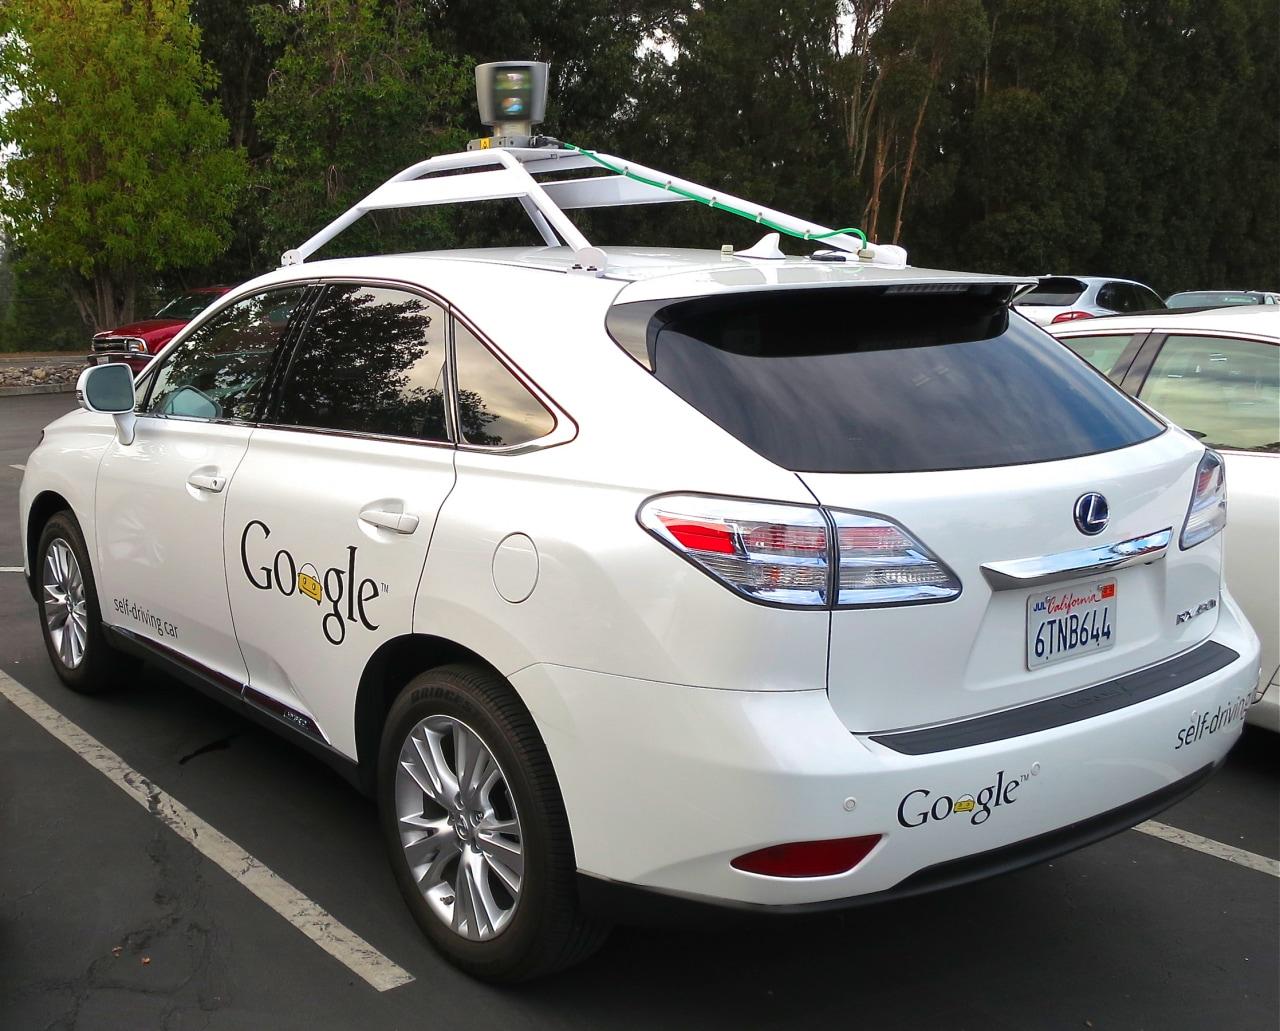 Le self-driving di Google hanno rischiato 13 incidenti in poco più di un anno